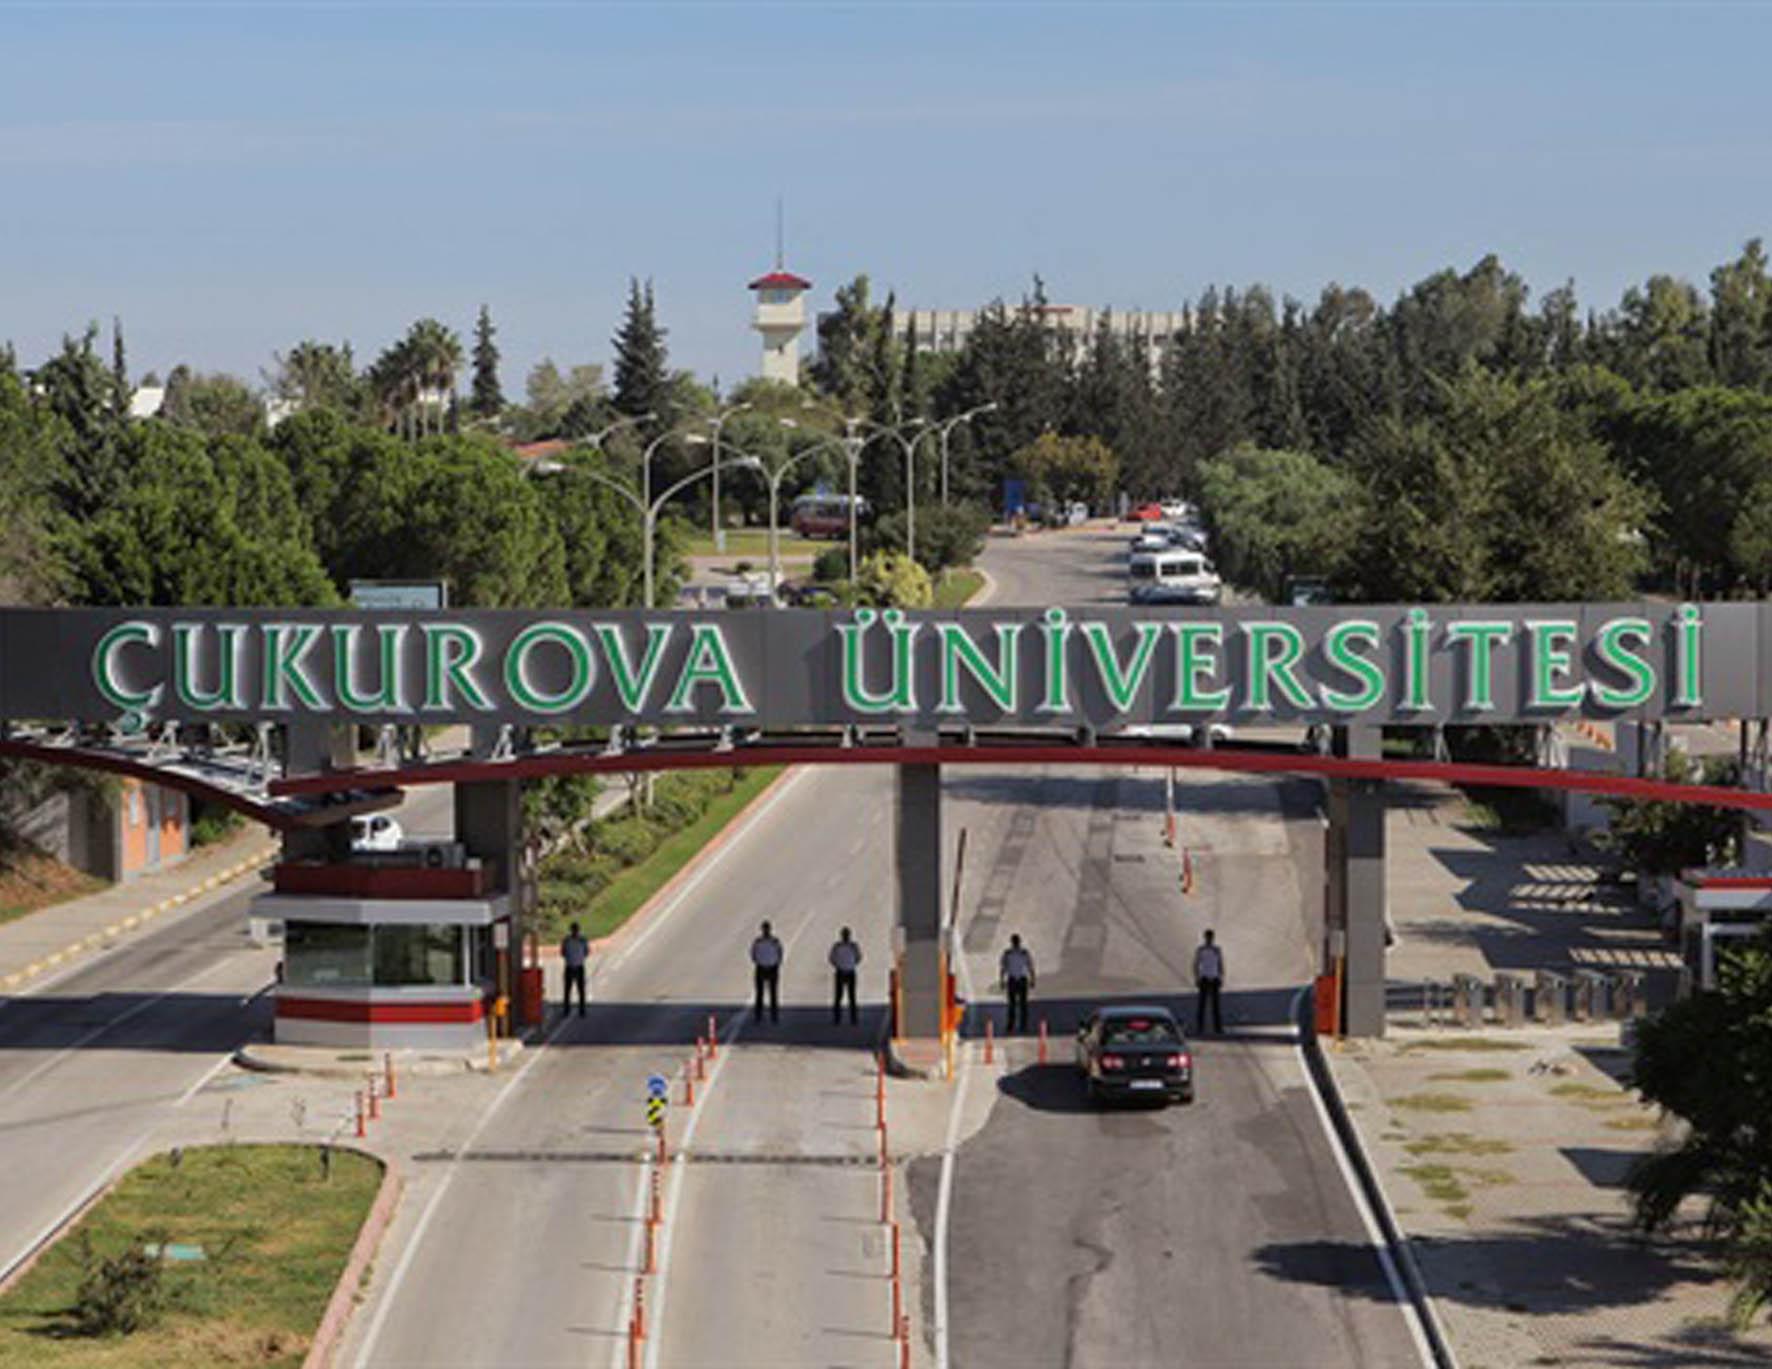 Mobilnost na Univerzitetu Çukurova za studente i osoblje